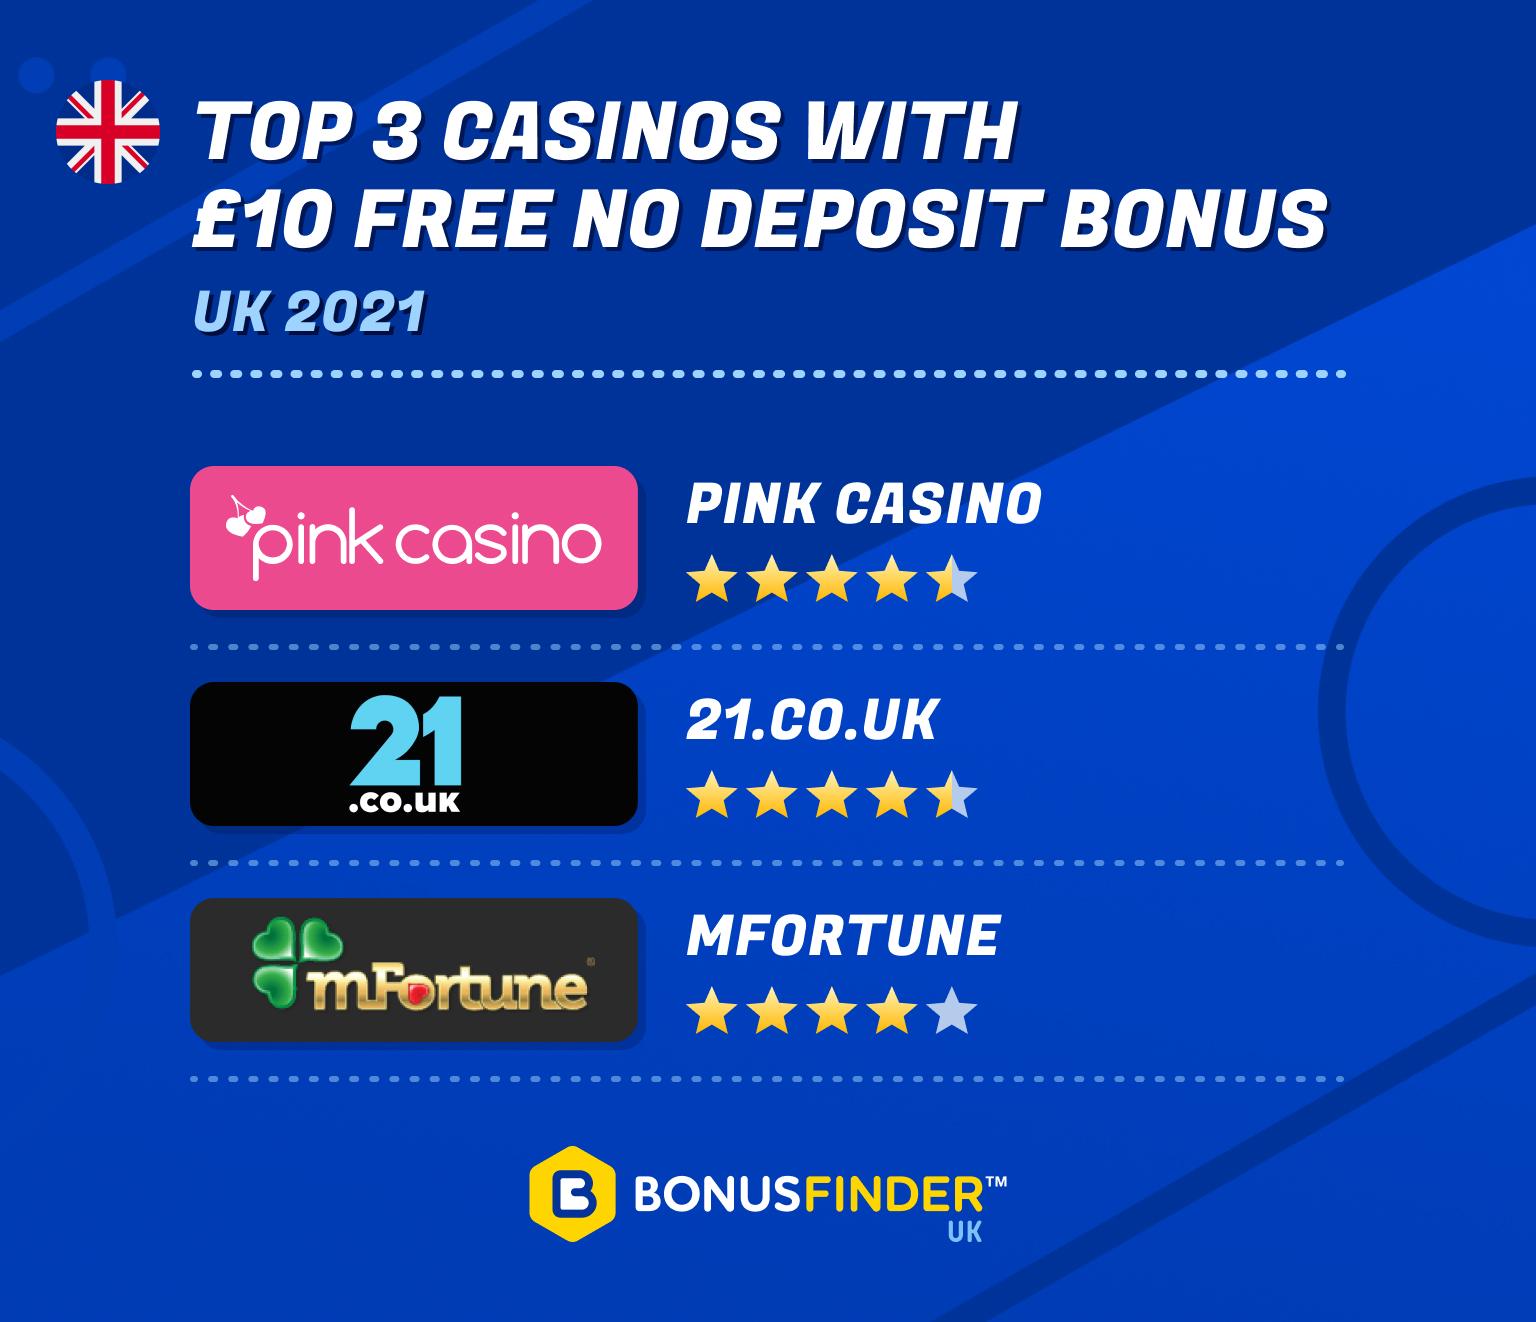 £10 free no deposit casino uk 2021